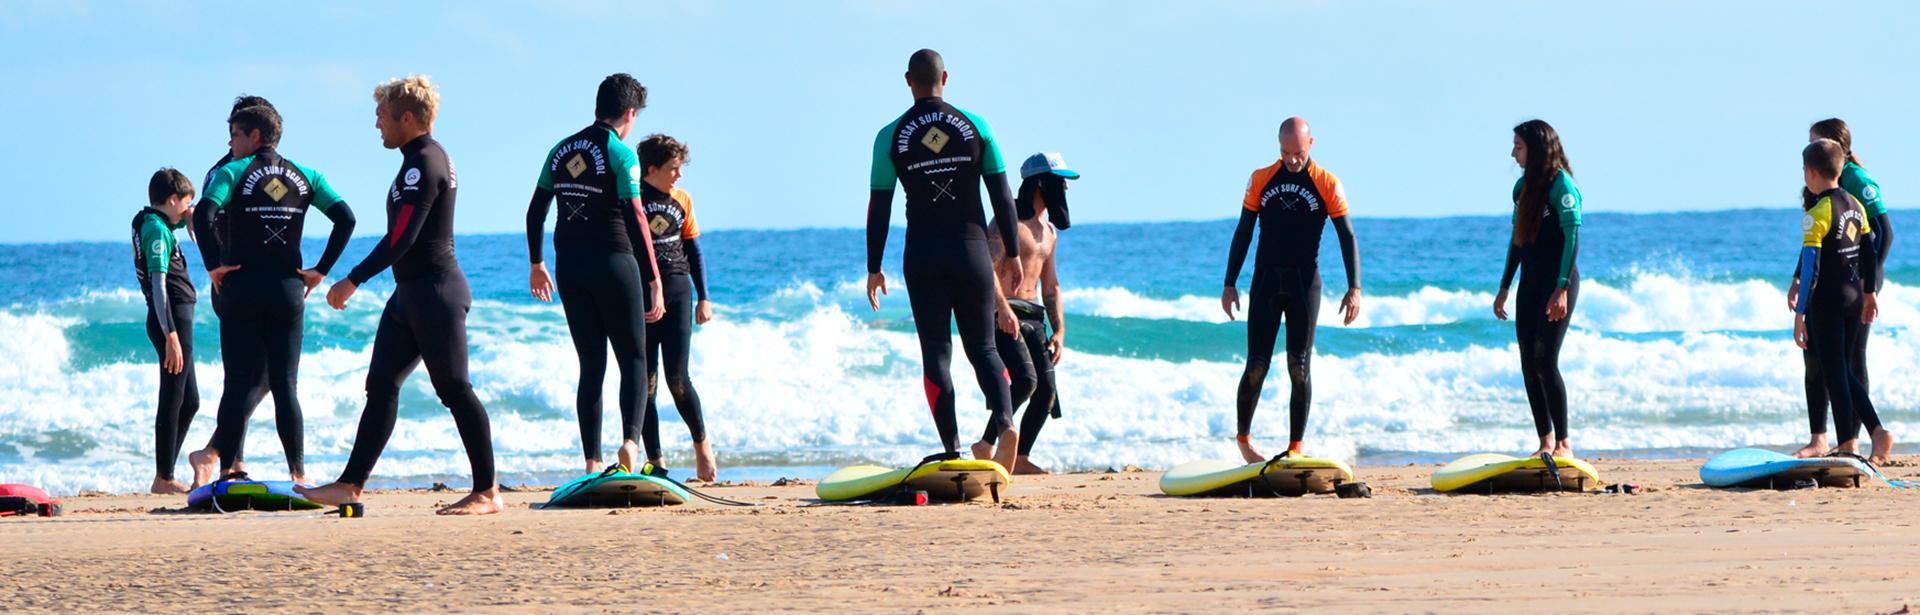 Surf camp septiembre adultos cantabria